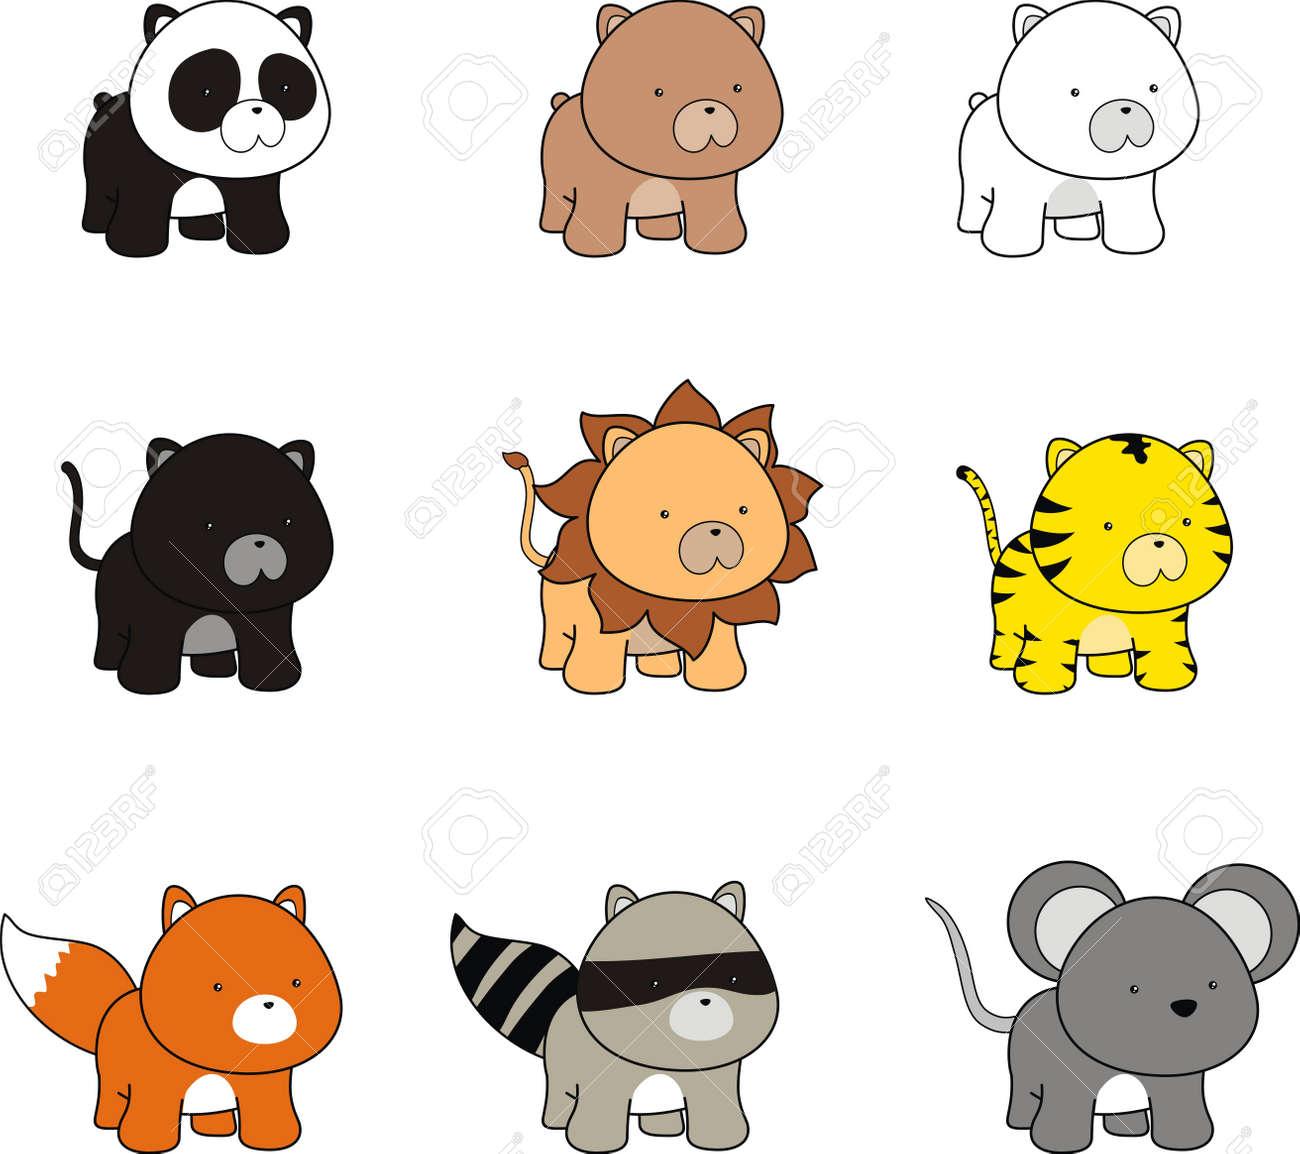 漫画の動物の赤ちゃん ロイヤリティフリークリップアート、ベクター